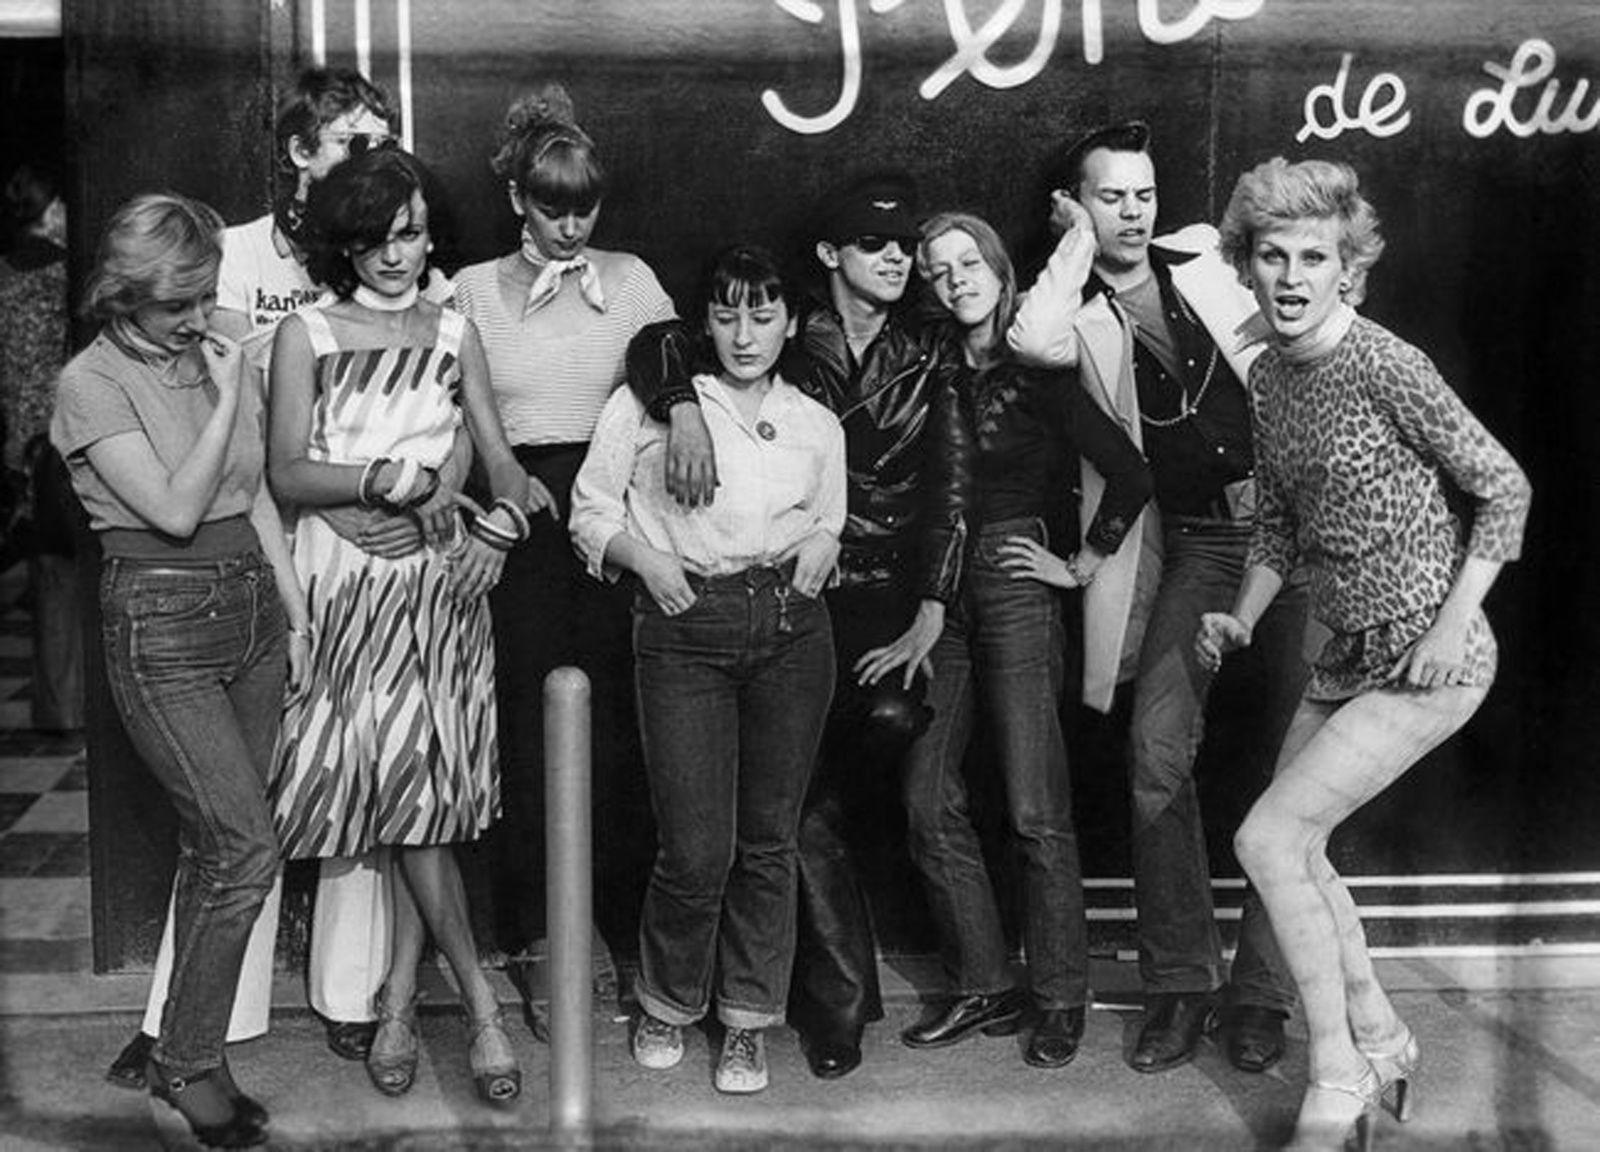 """""""Philippe Morillon, Membres des bandes des Gazolines et To the bop devant la boutique Pendora de Luxe aux Halles"""", 1975"""